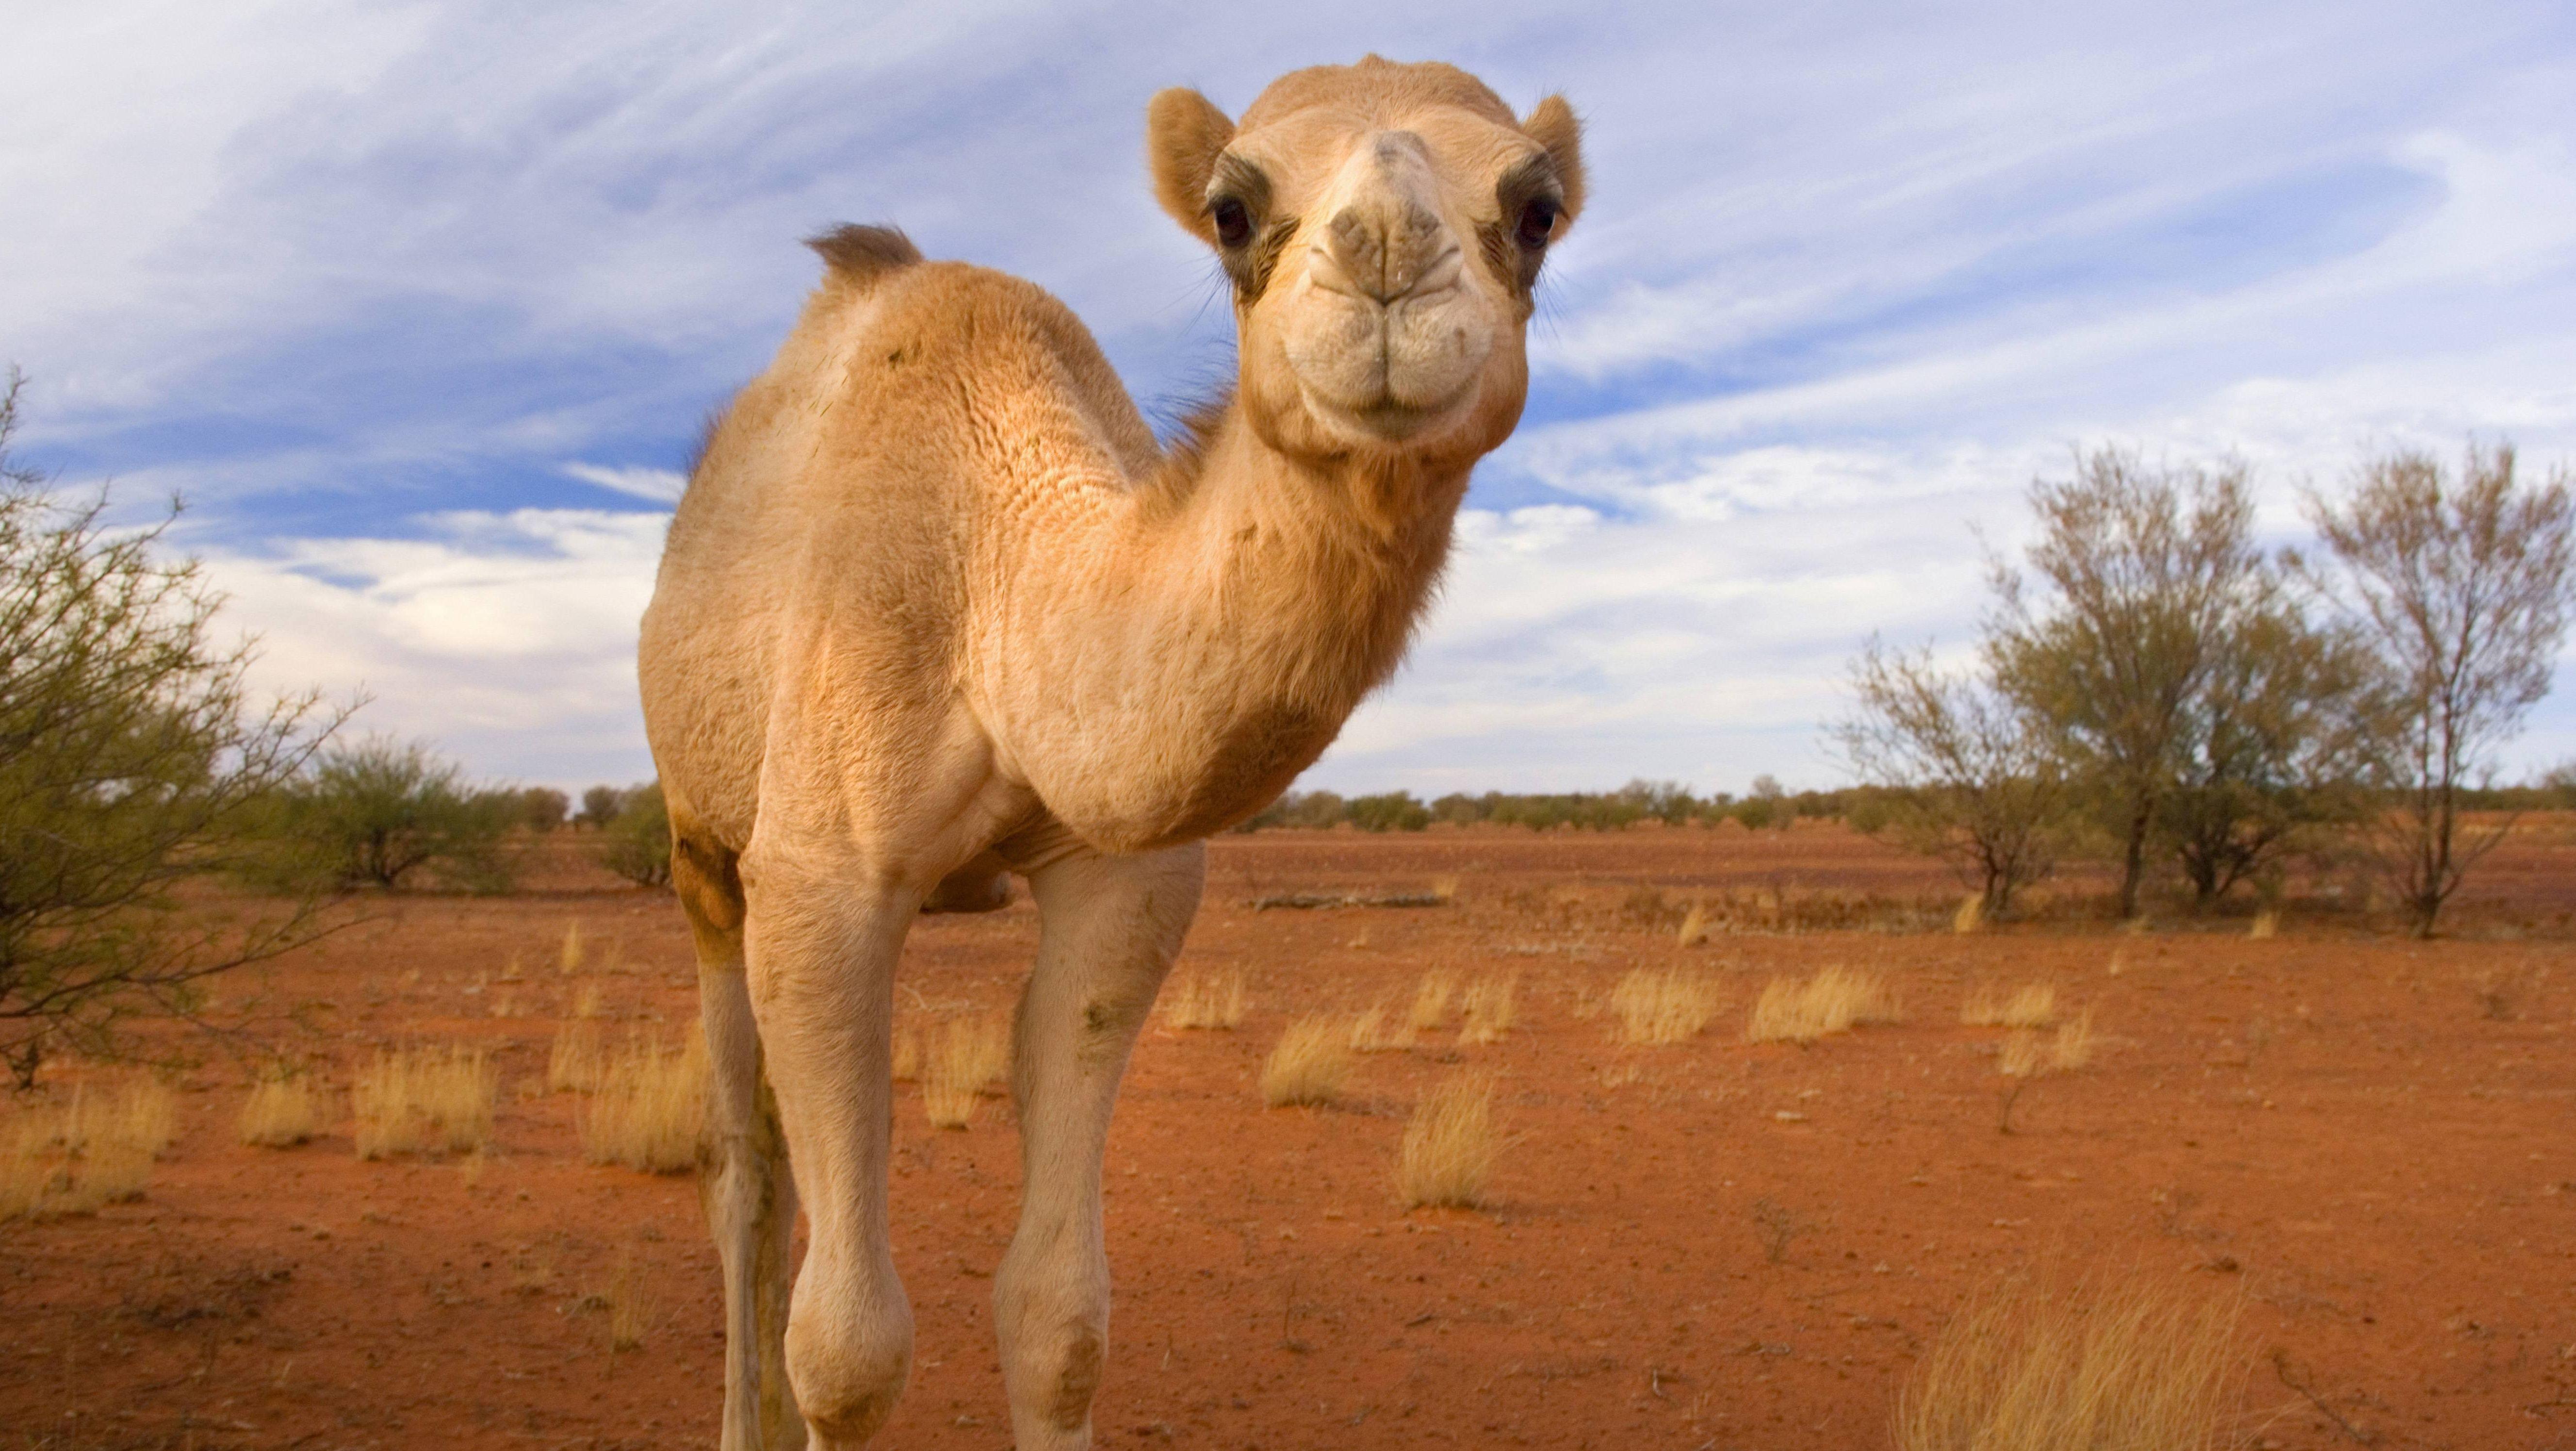 Kamel in der australischen Wüste schaut in die Kamera.